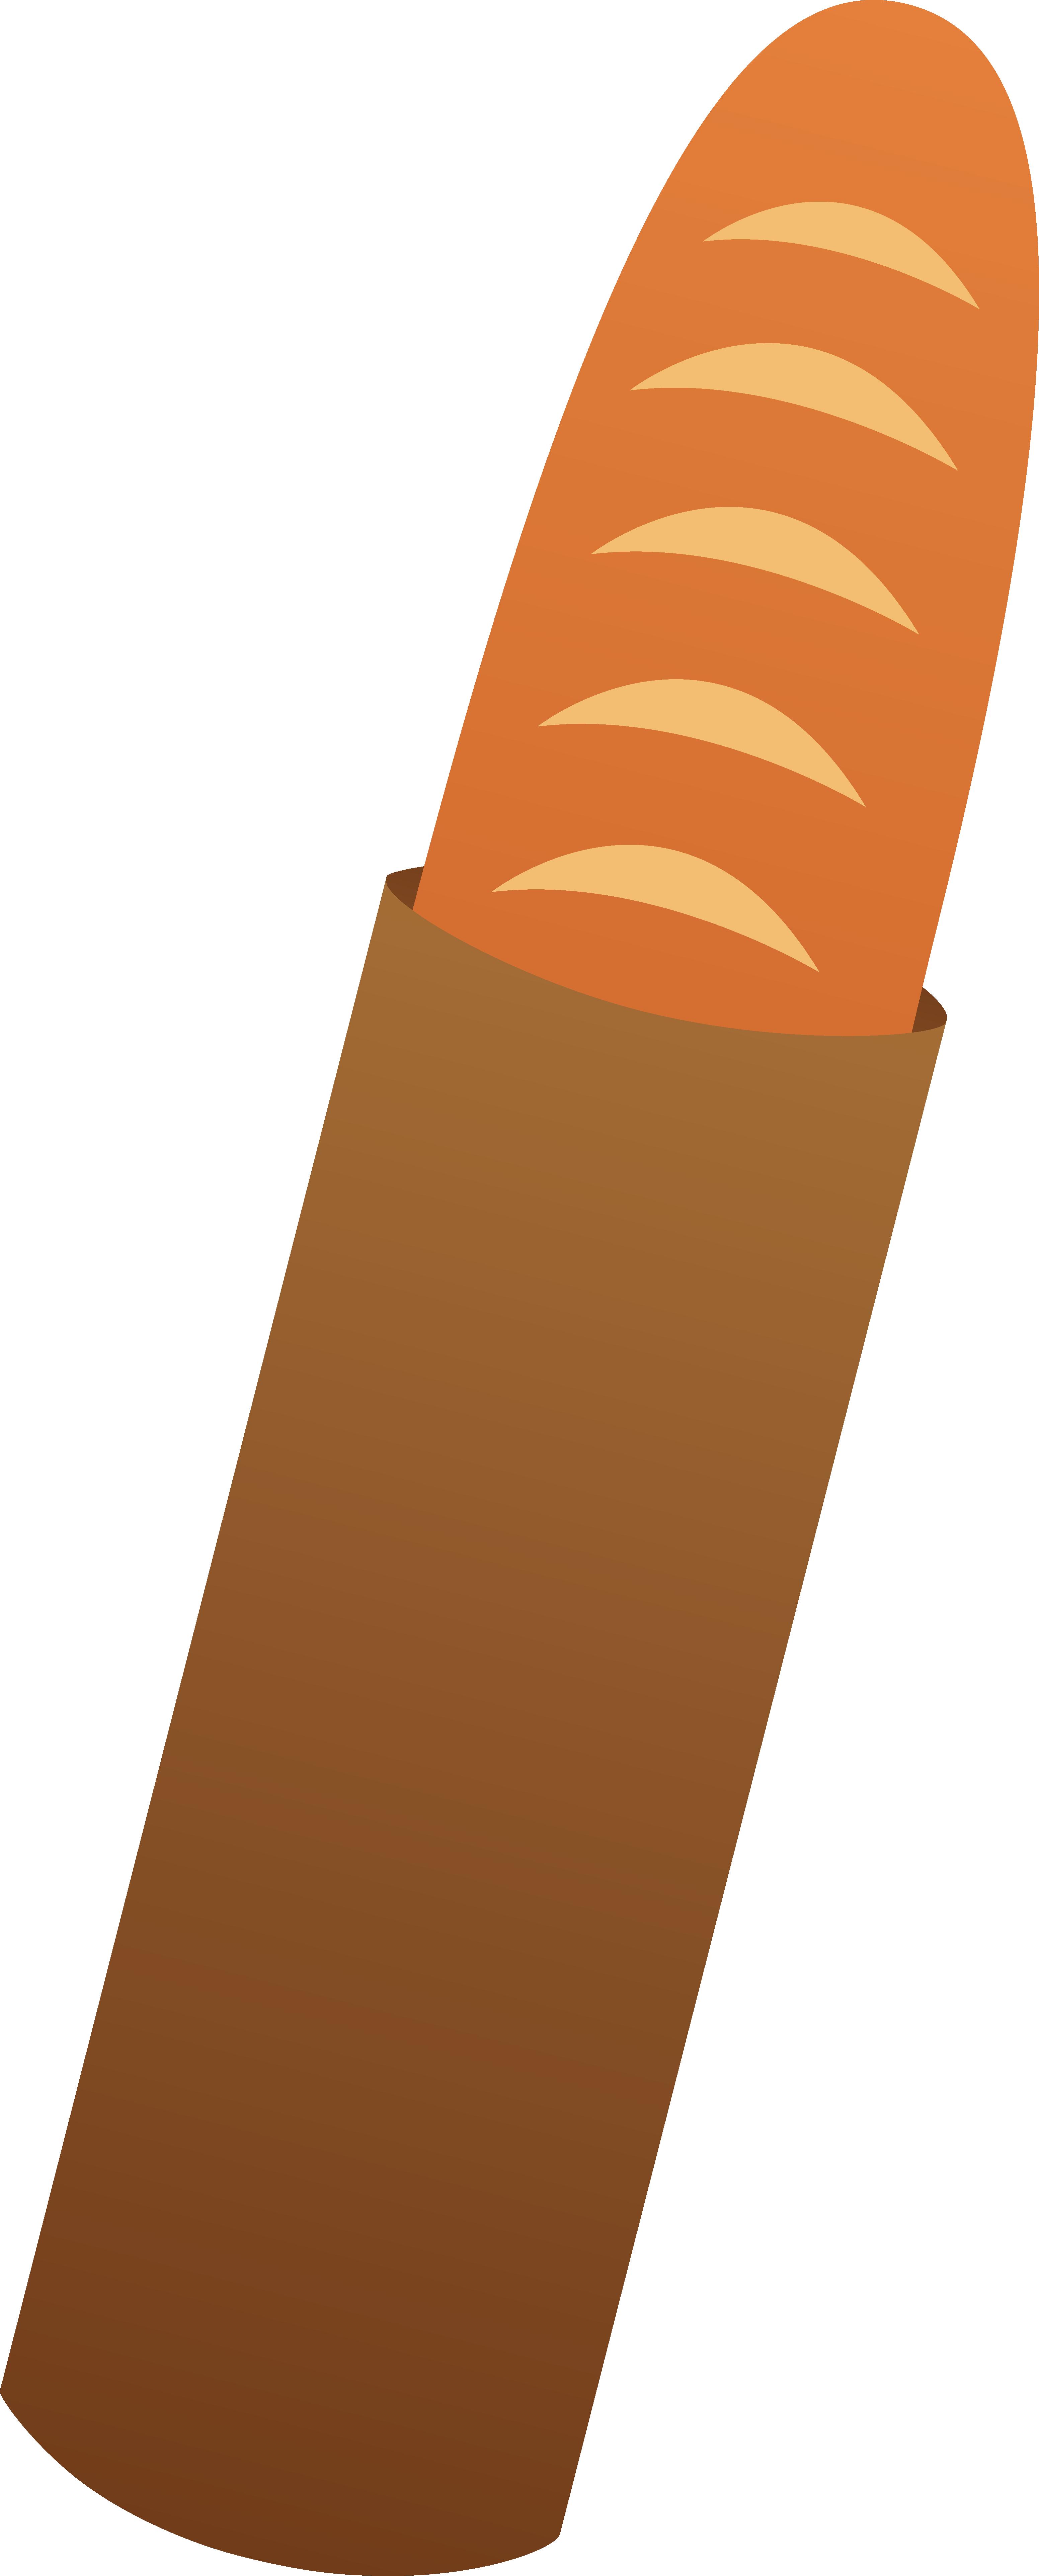 Baguette Bread Loaf in Bag.